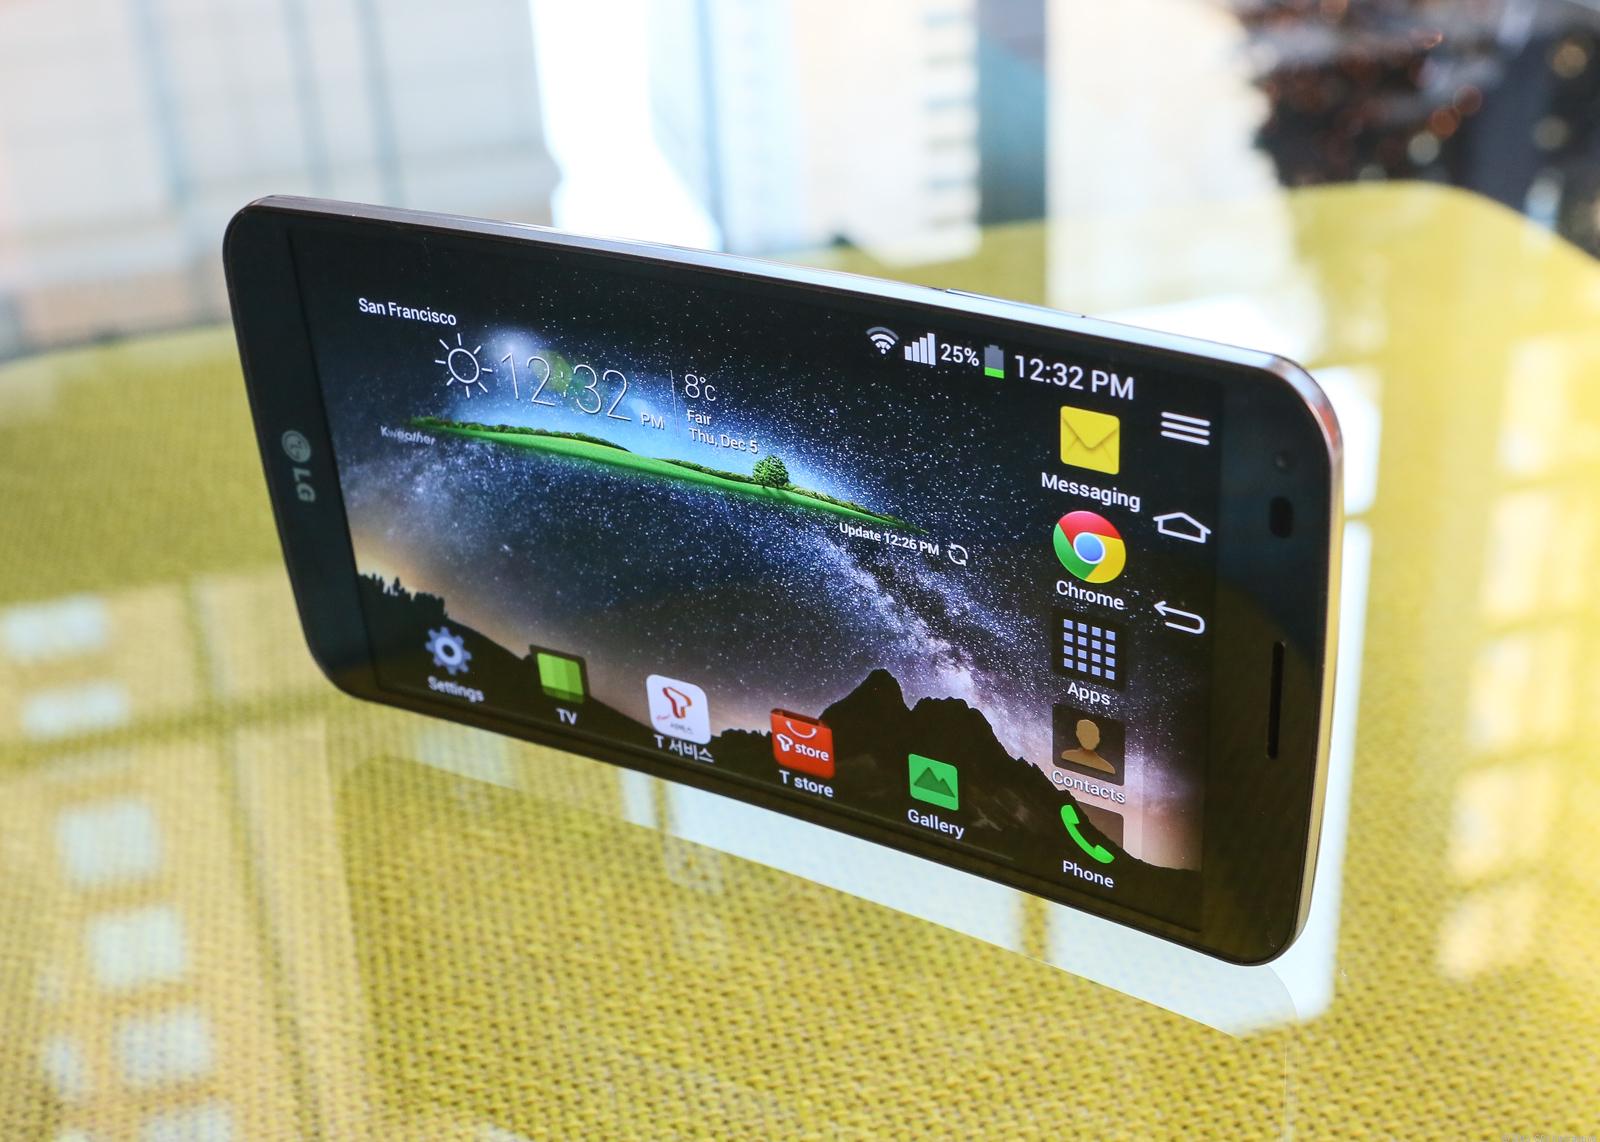 تلفن هوشمند LG G Flex 2 در CES 2015 حضور دارد